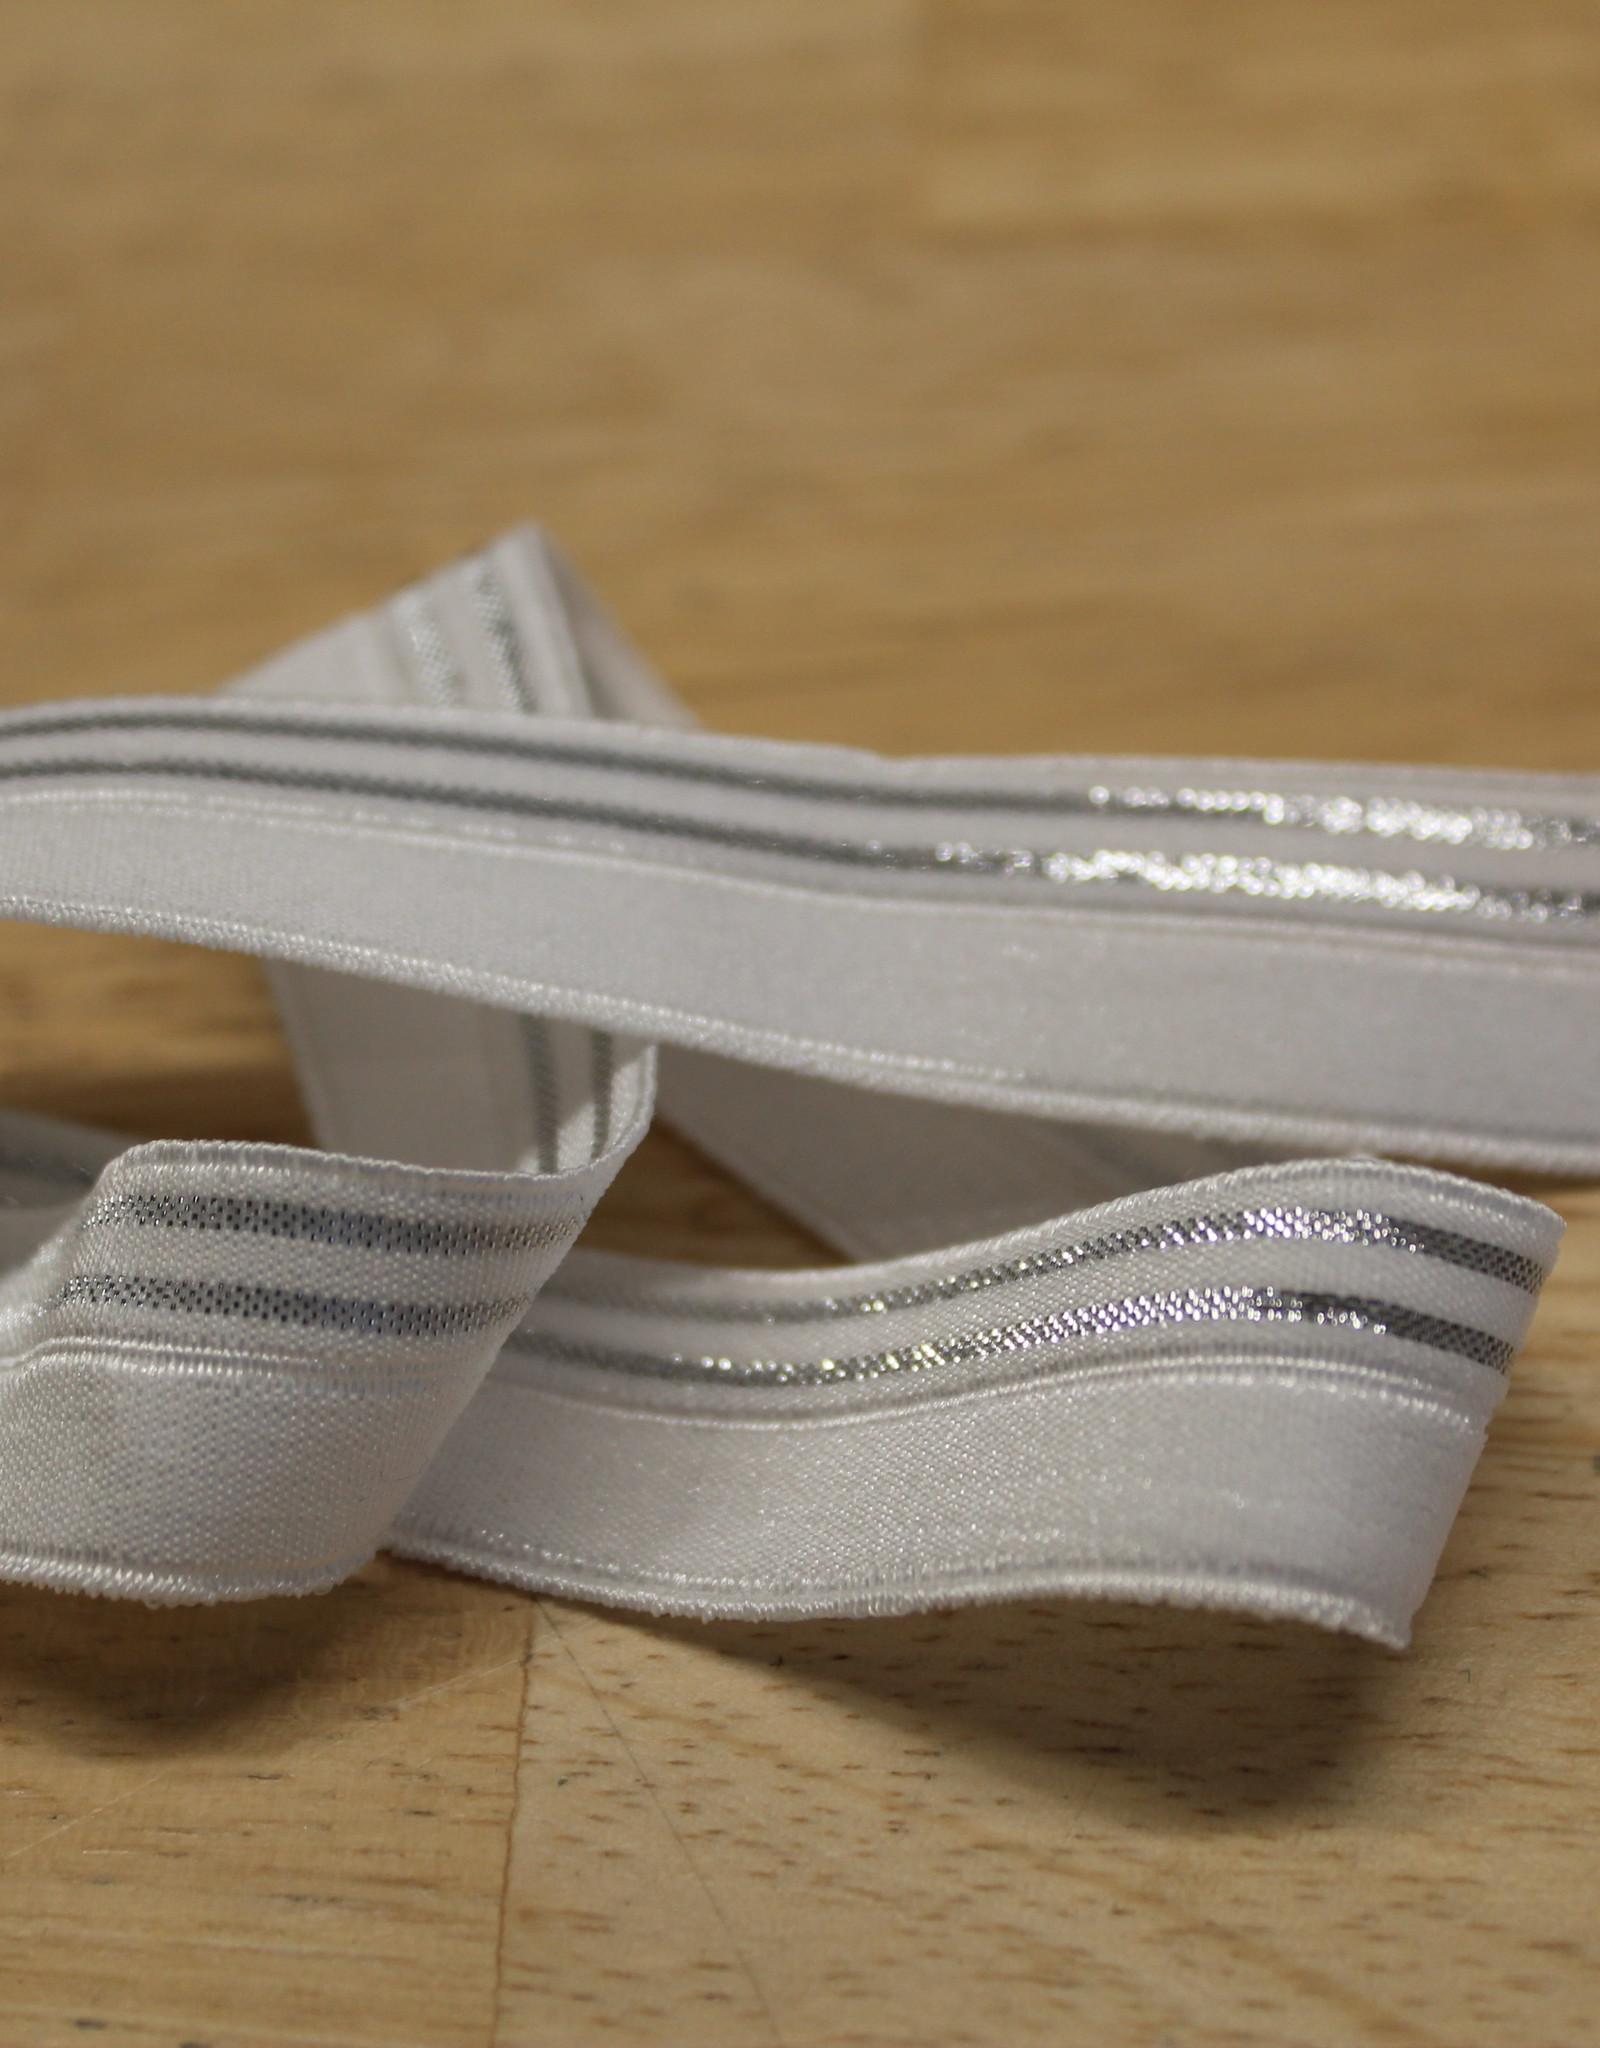 Elastisch biaislint 16mm wit met 2 zilveren lijnen